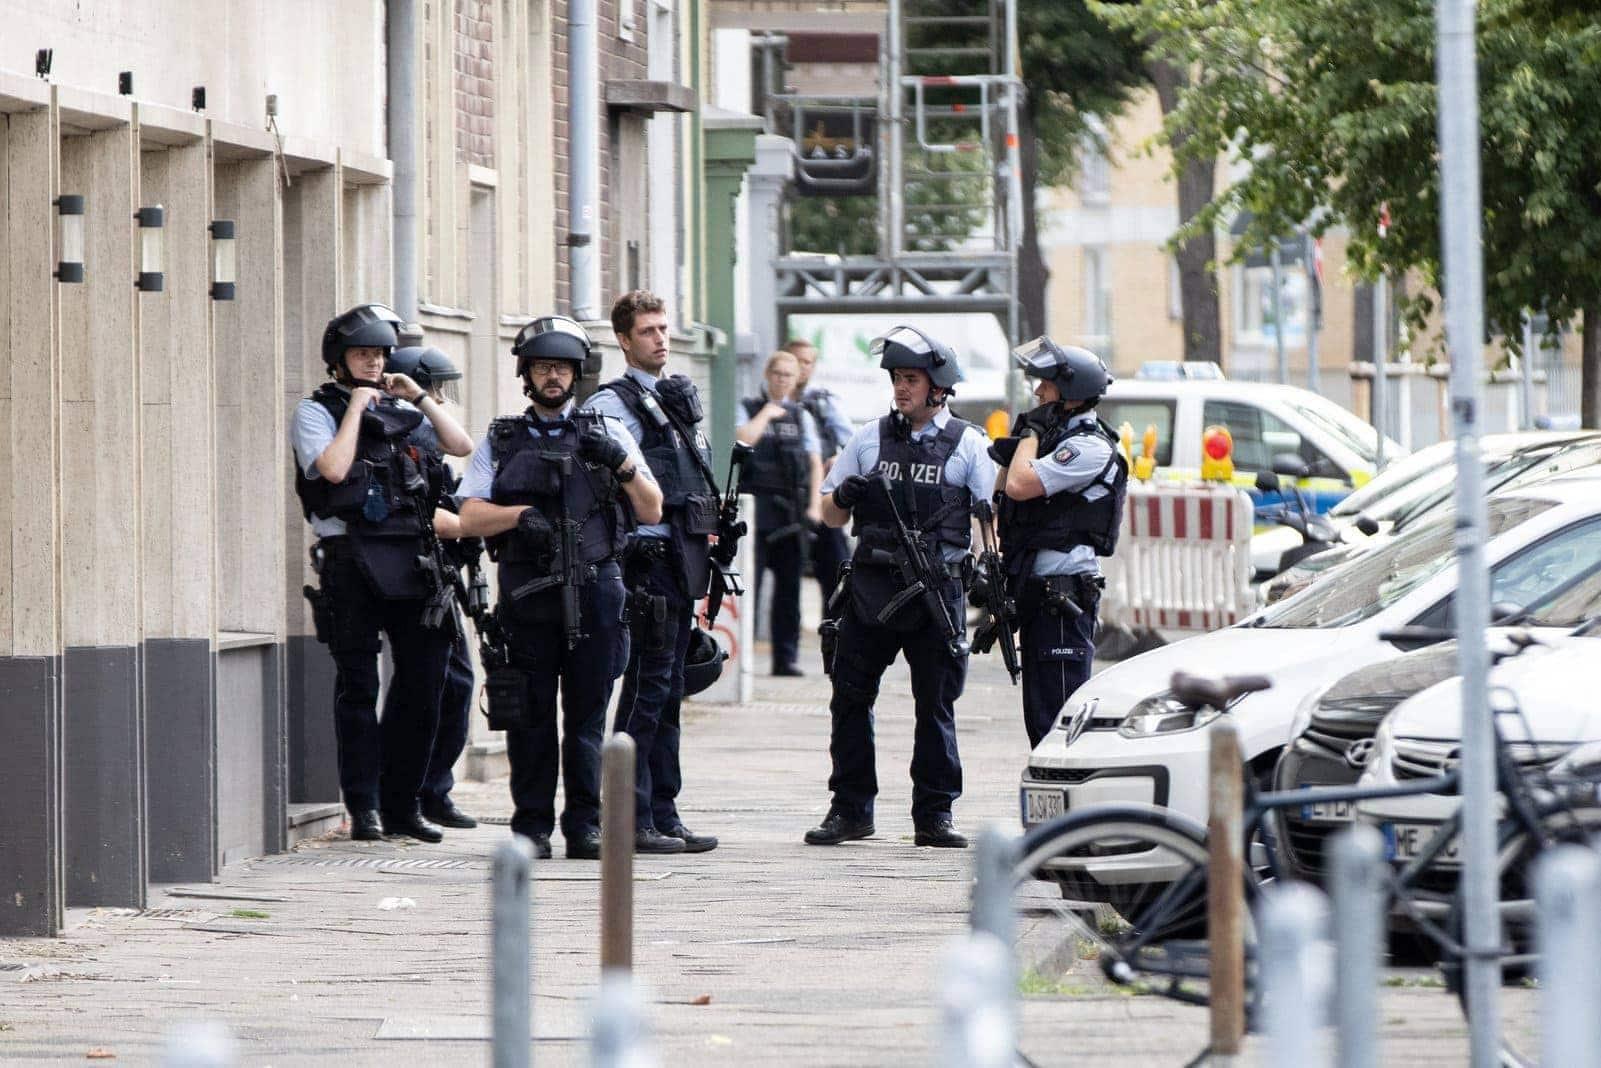 Aktuelle Nachrichten Düsseldorf Polizei